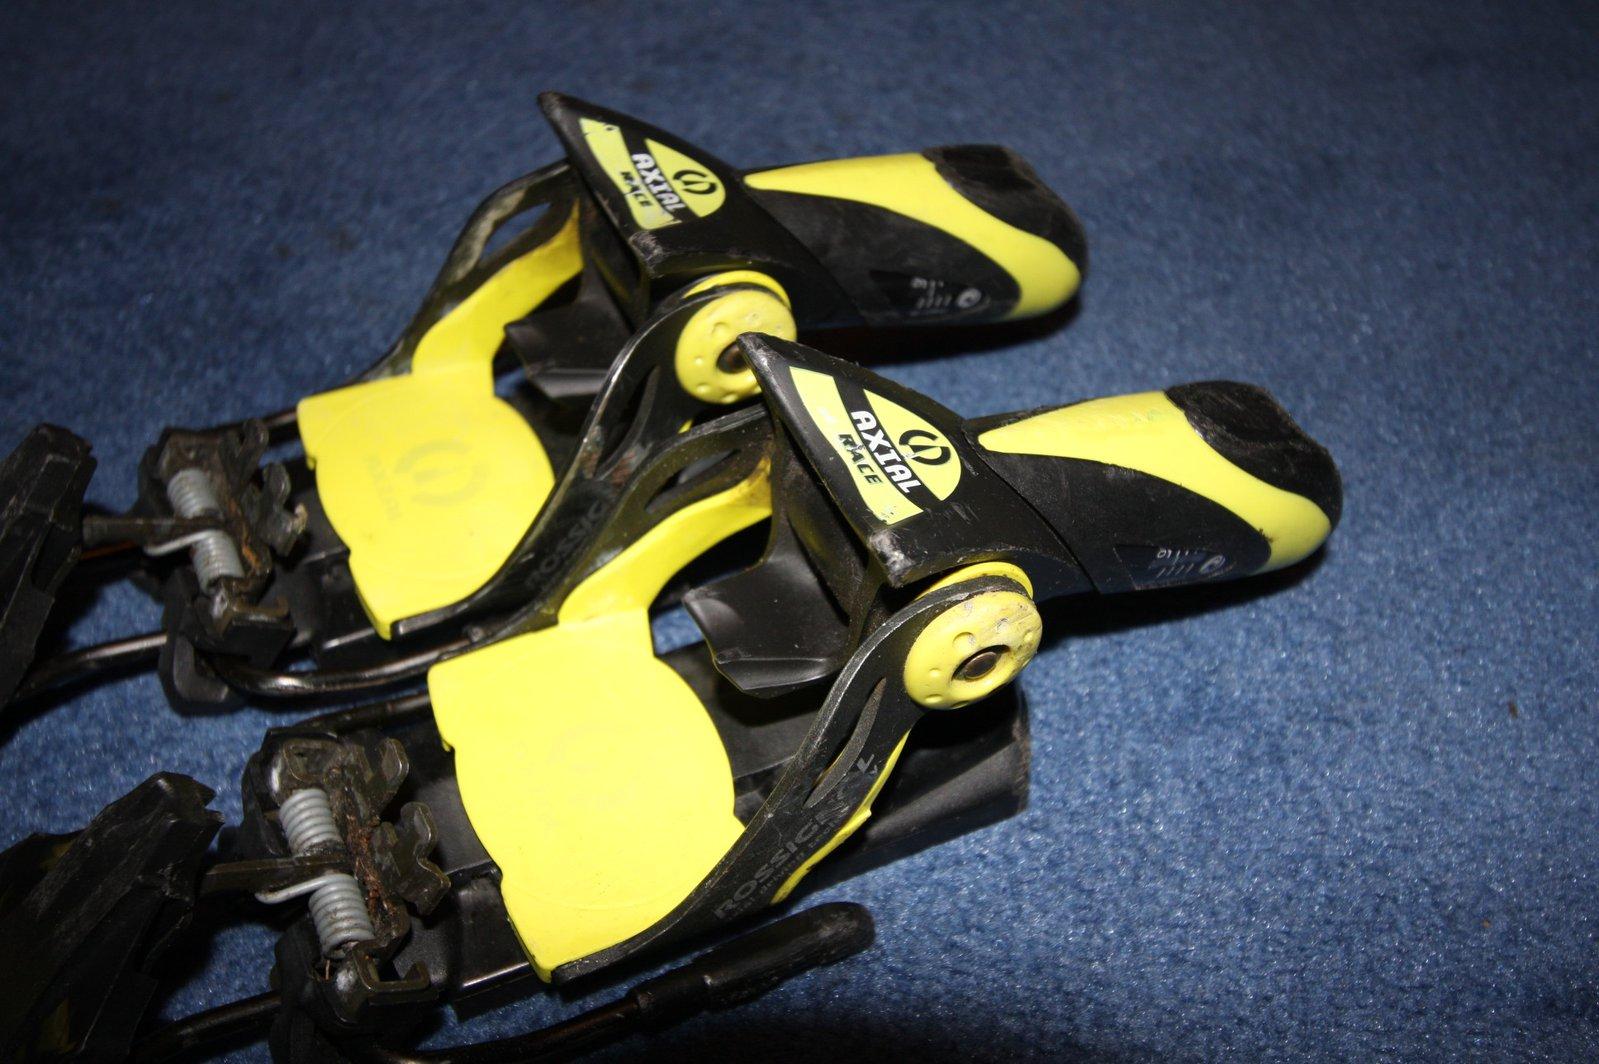 Axial heel pieces